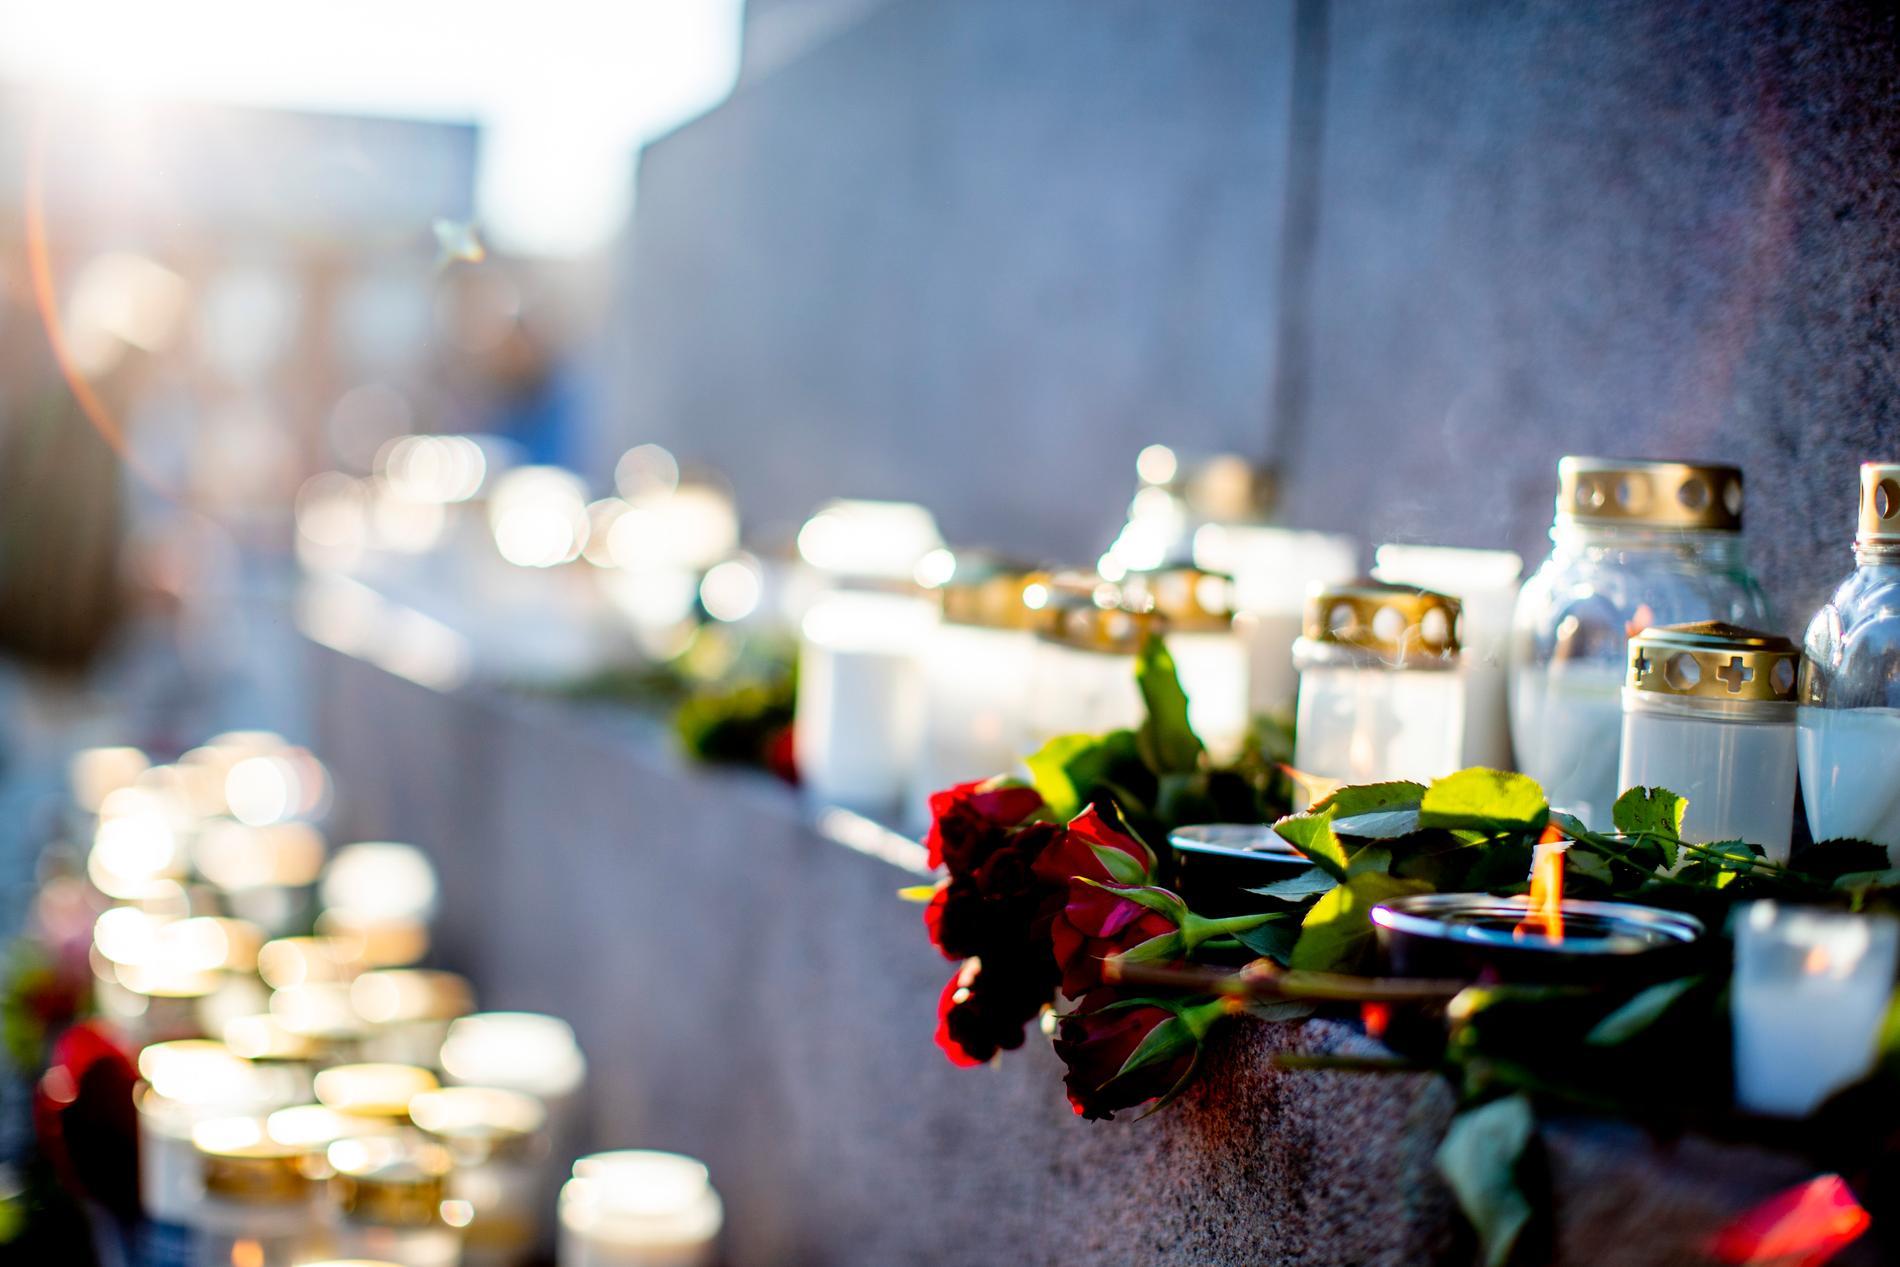 Den 17-åriga flickans död förra året uppmärksammades bland annat med blommor och ljus på torget i Uddevalla. Arkivbild.